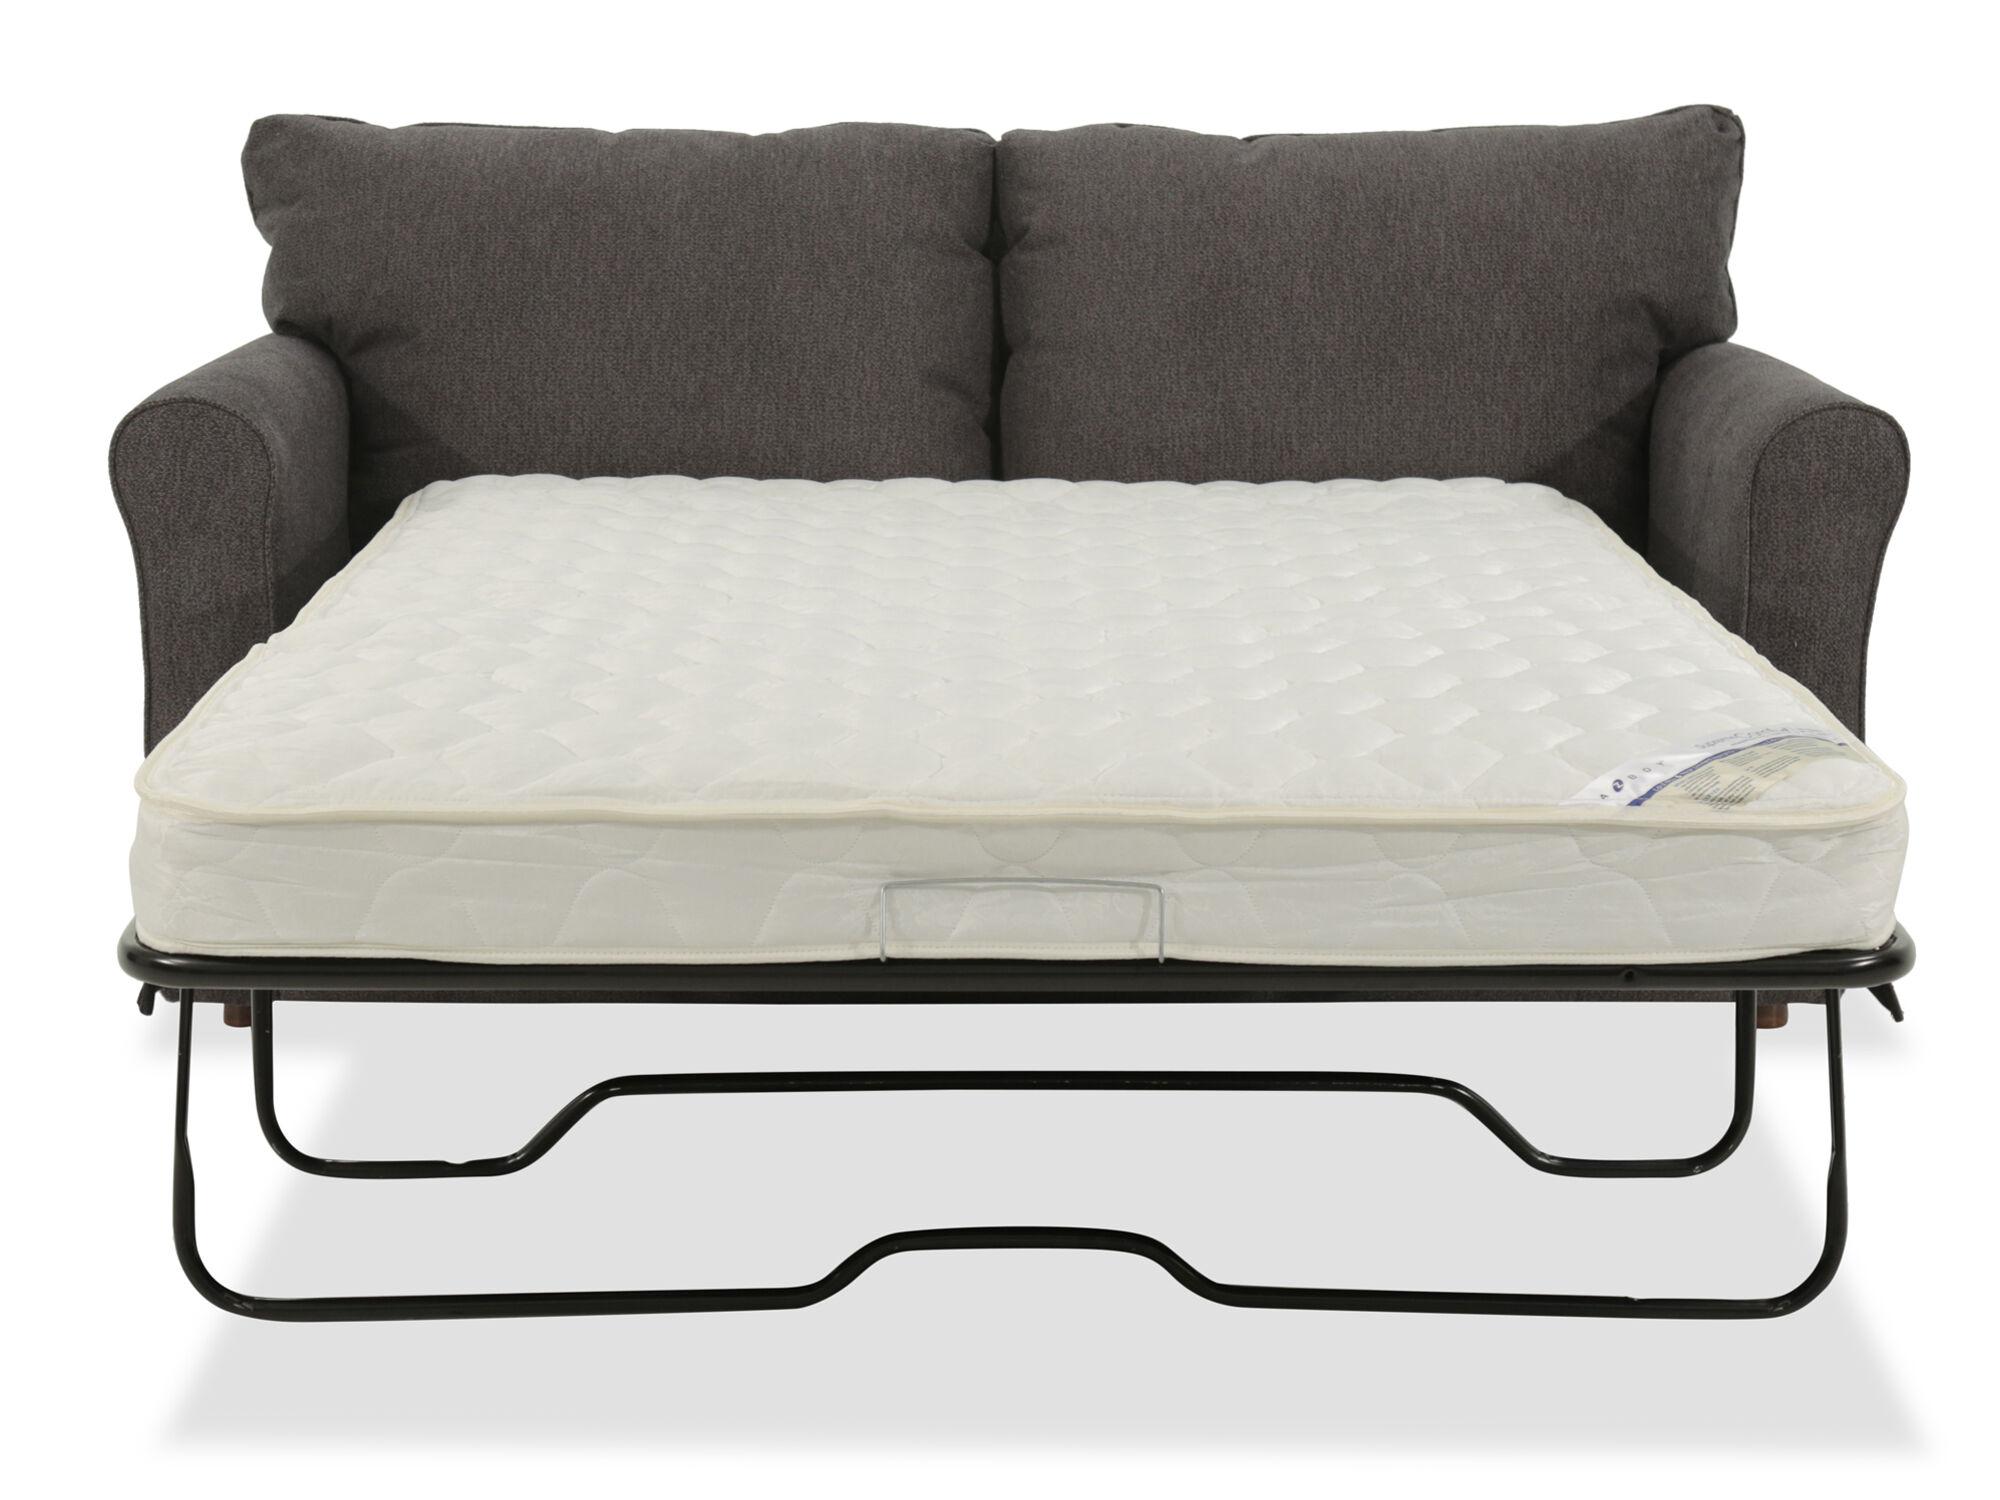 la z boy diana sleeper sofa kessler 4 piece outdoor wicker sectional set lazboy sofas thesofa